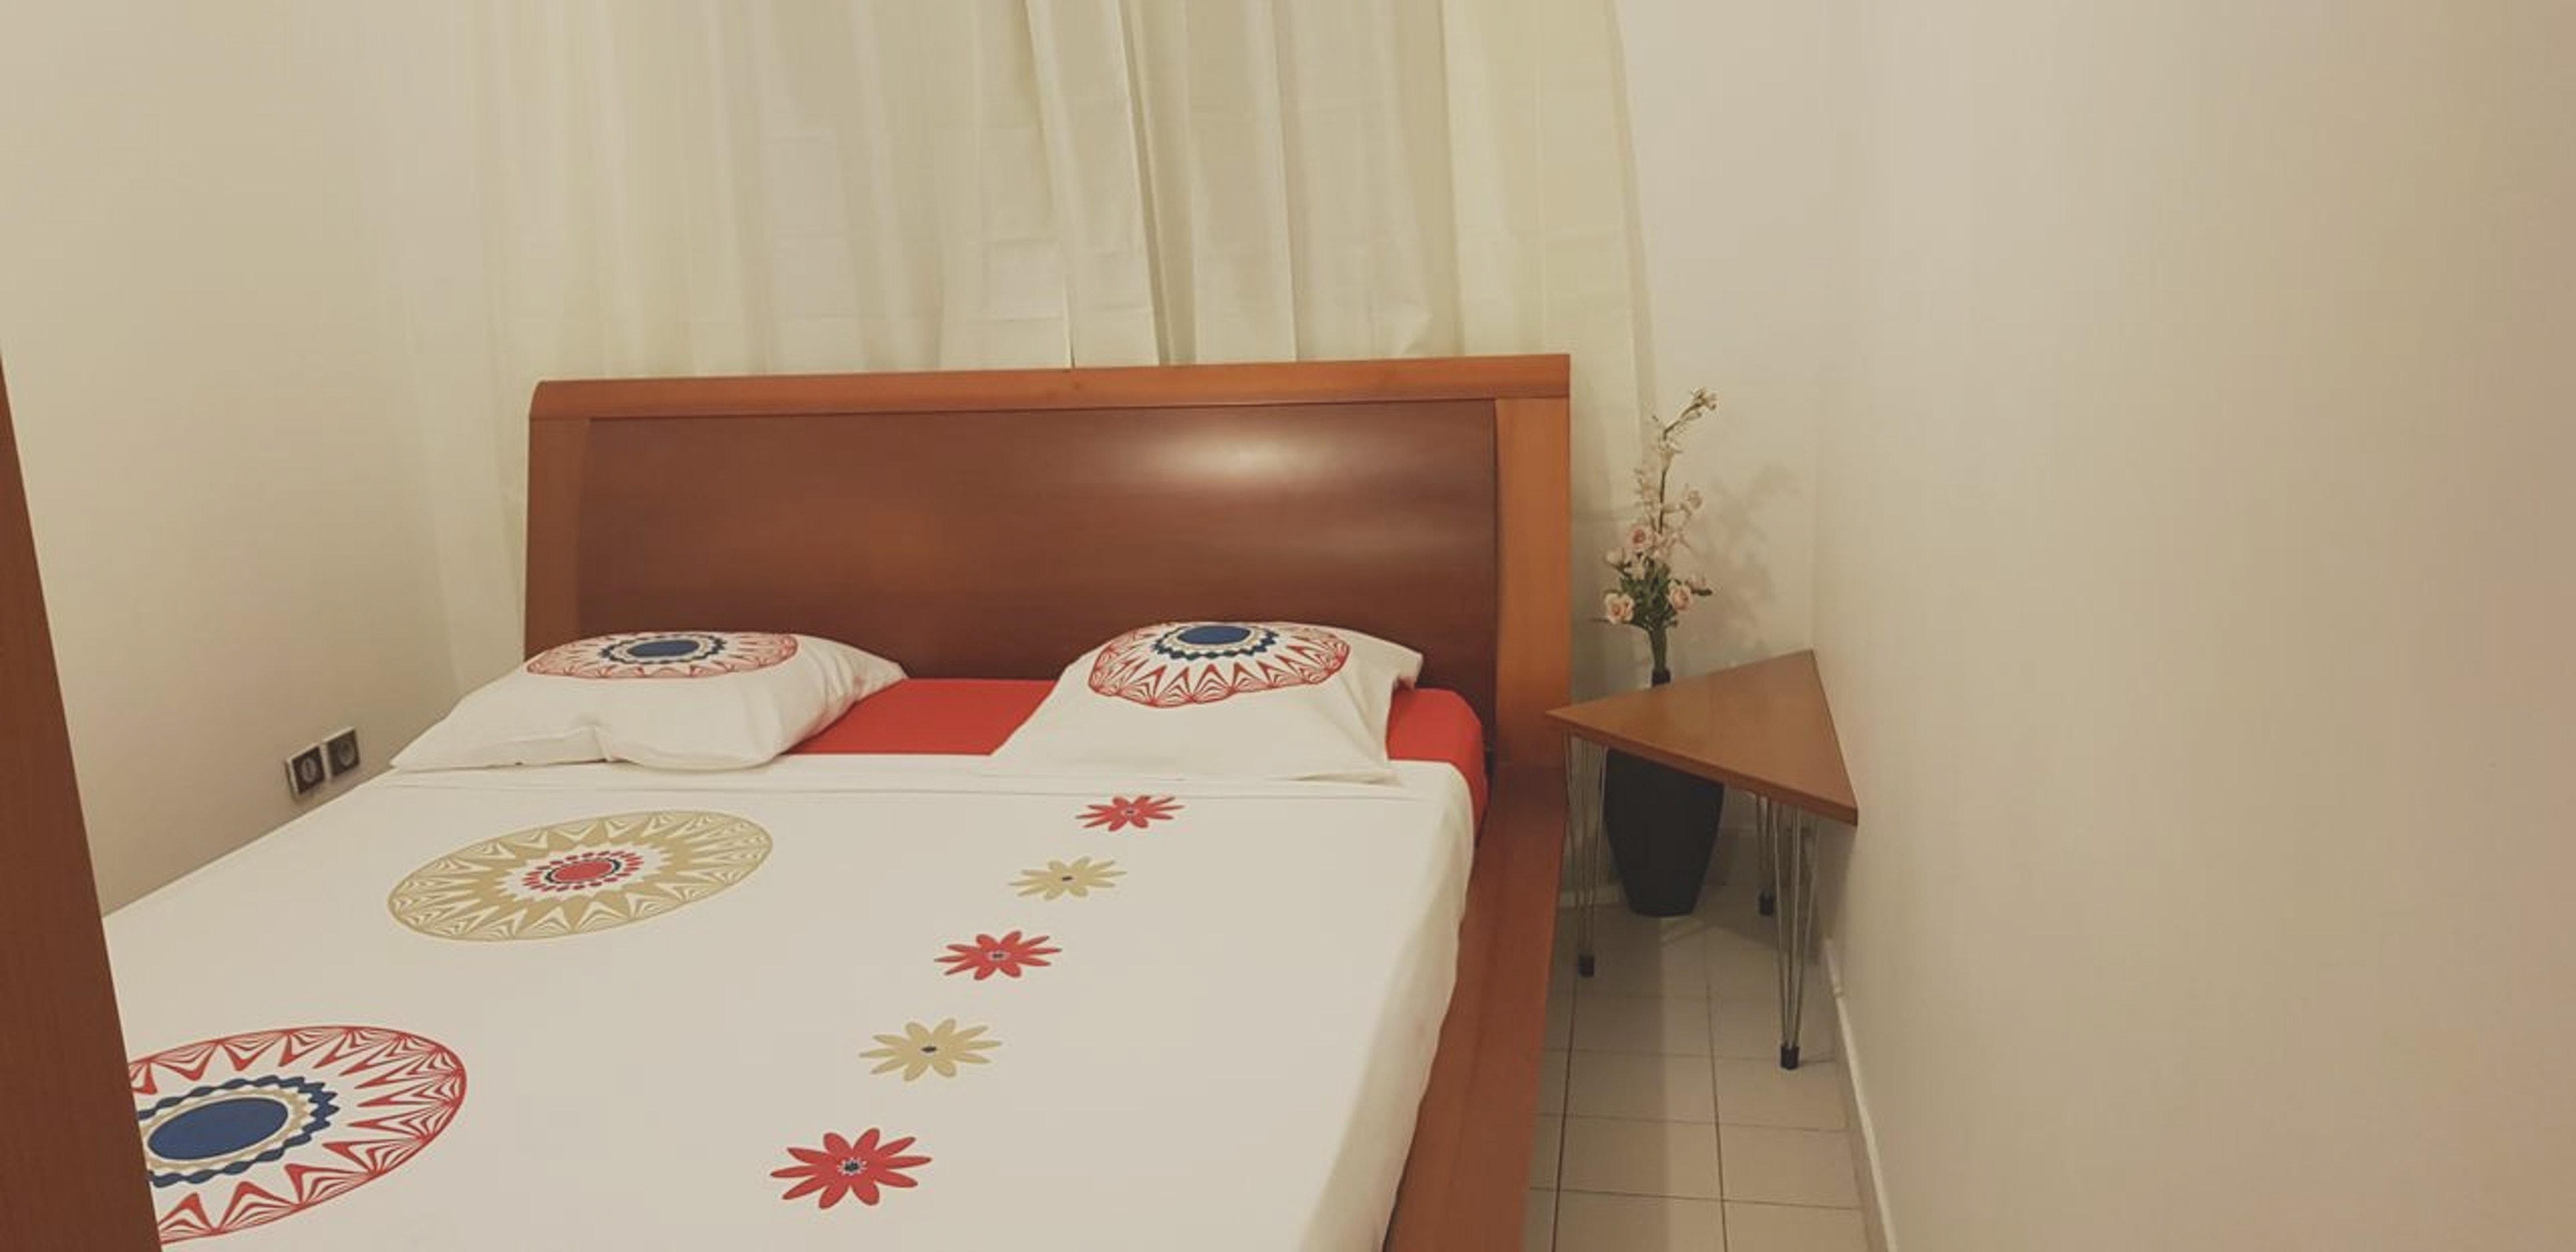 Apartamento de 2 habitaciones en Fort-de-France, con magnificas vistas al mar, balcón y WiFi - a 2 km de la playa